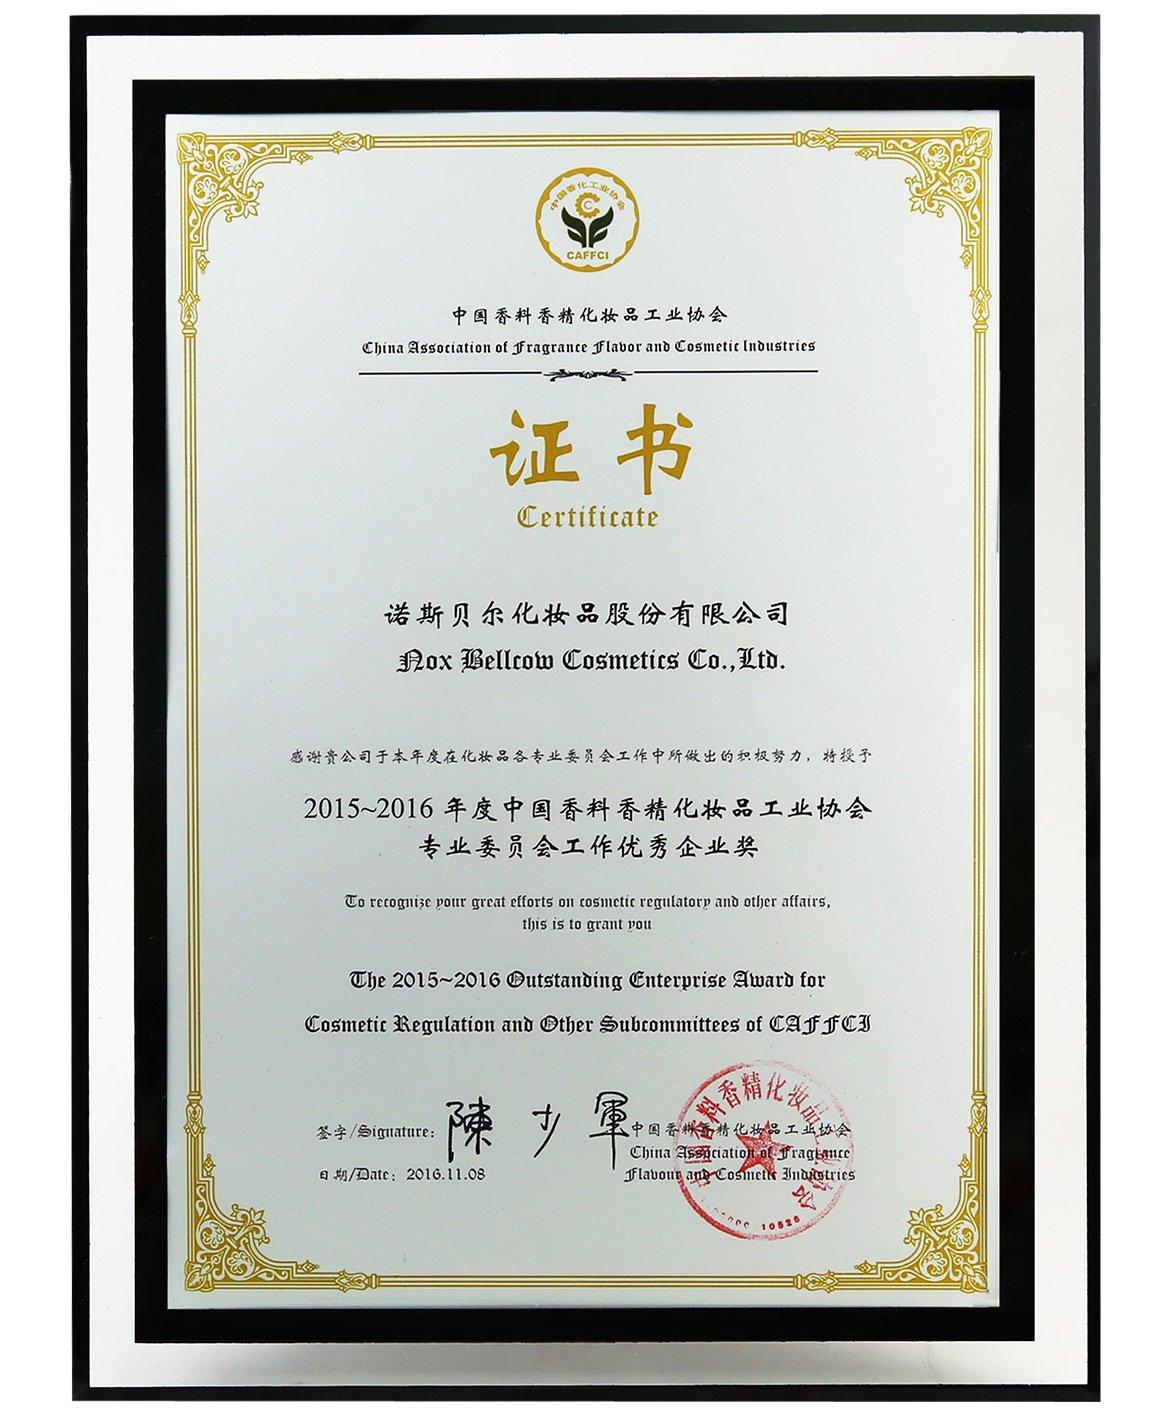 2015-2016年度中国香料香精化妆品工业协会专业委员会工作优秀企业奖(1)